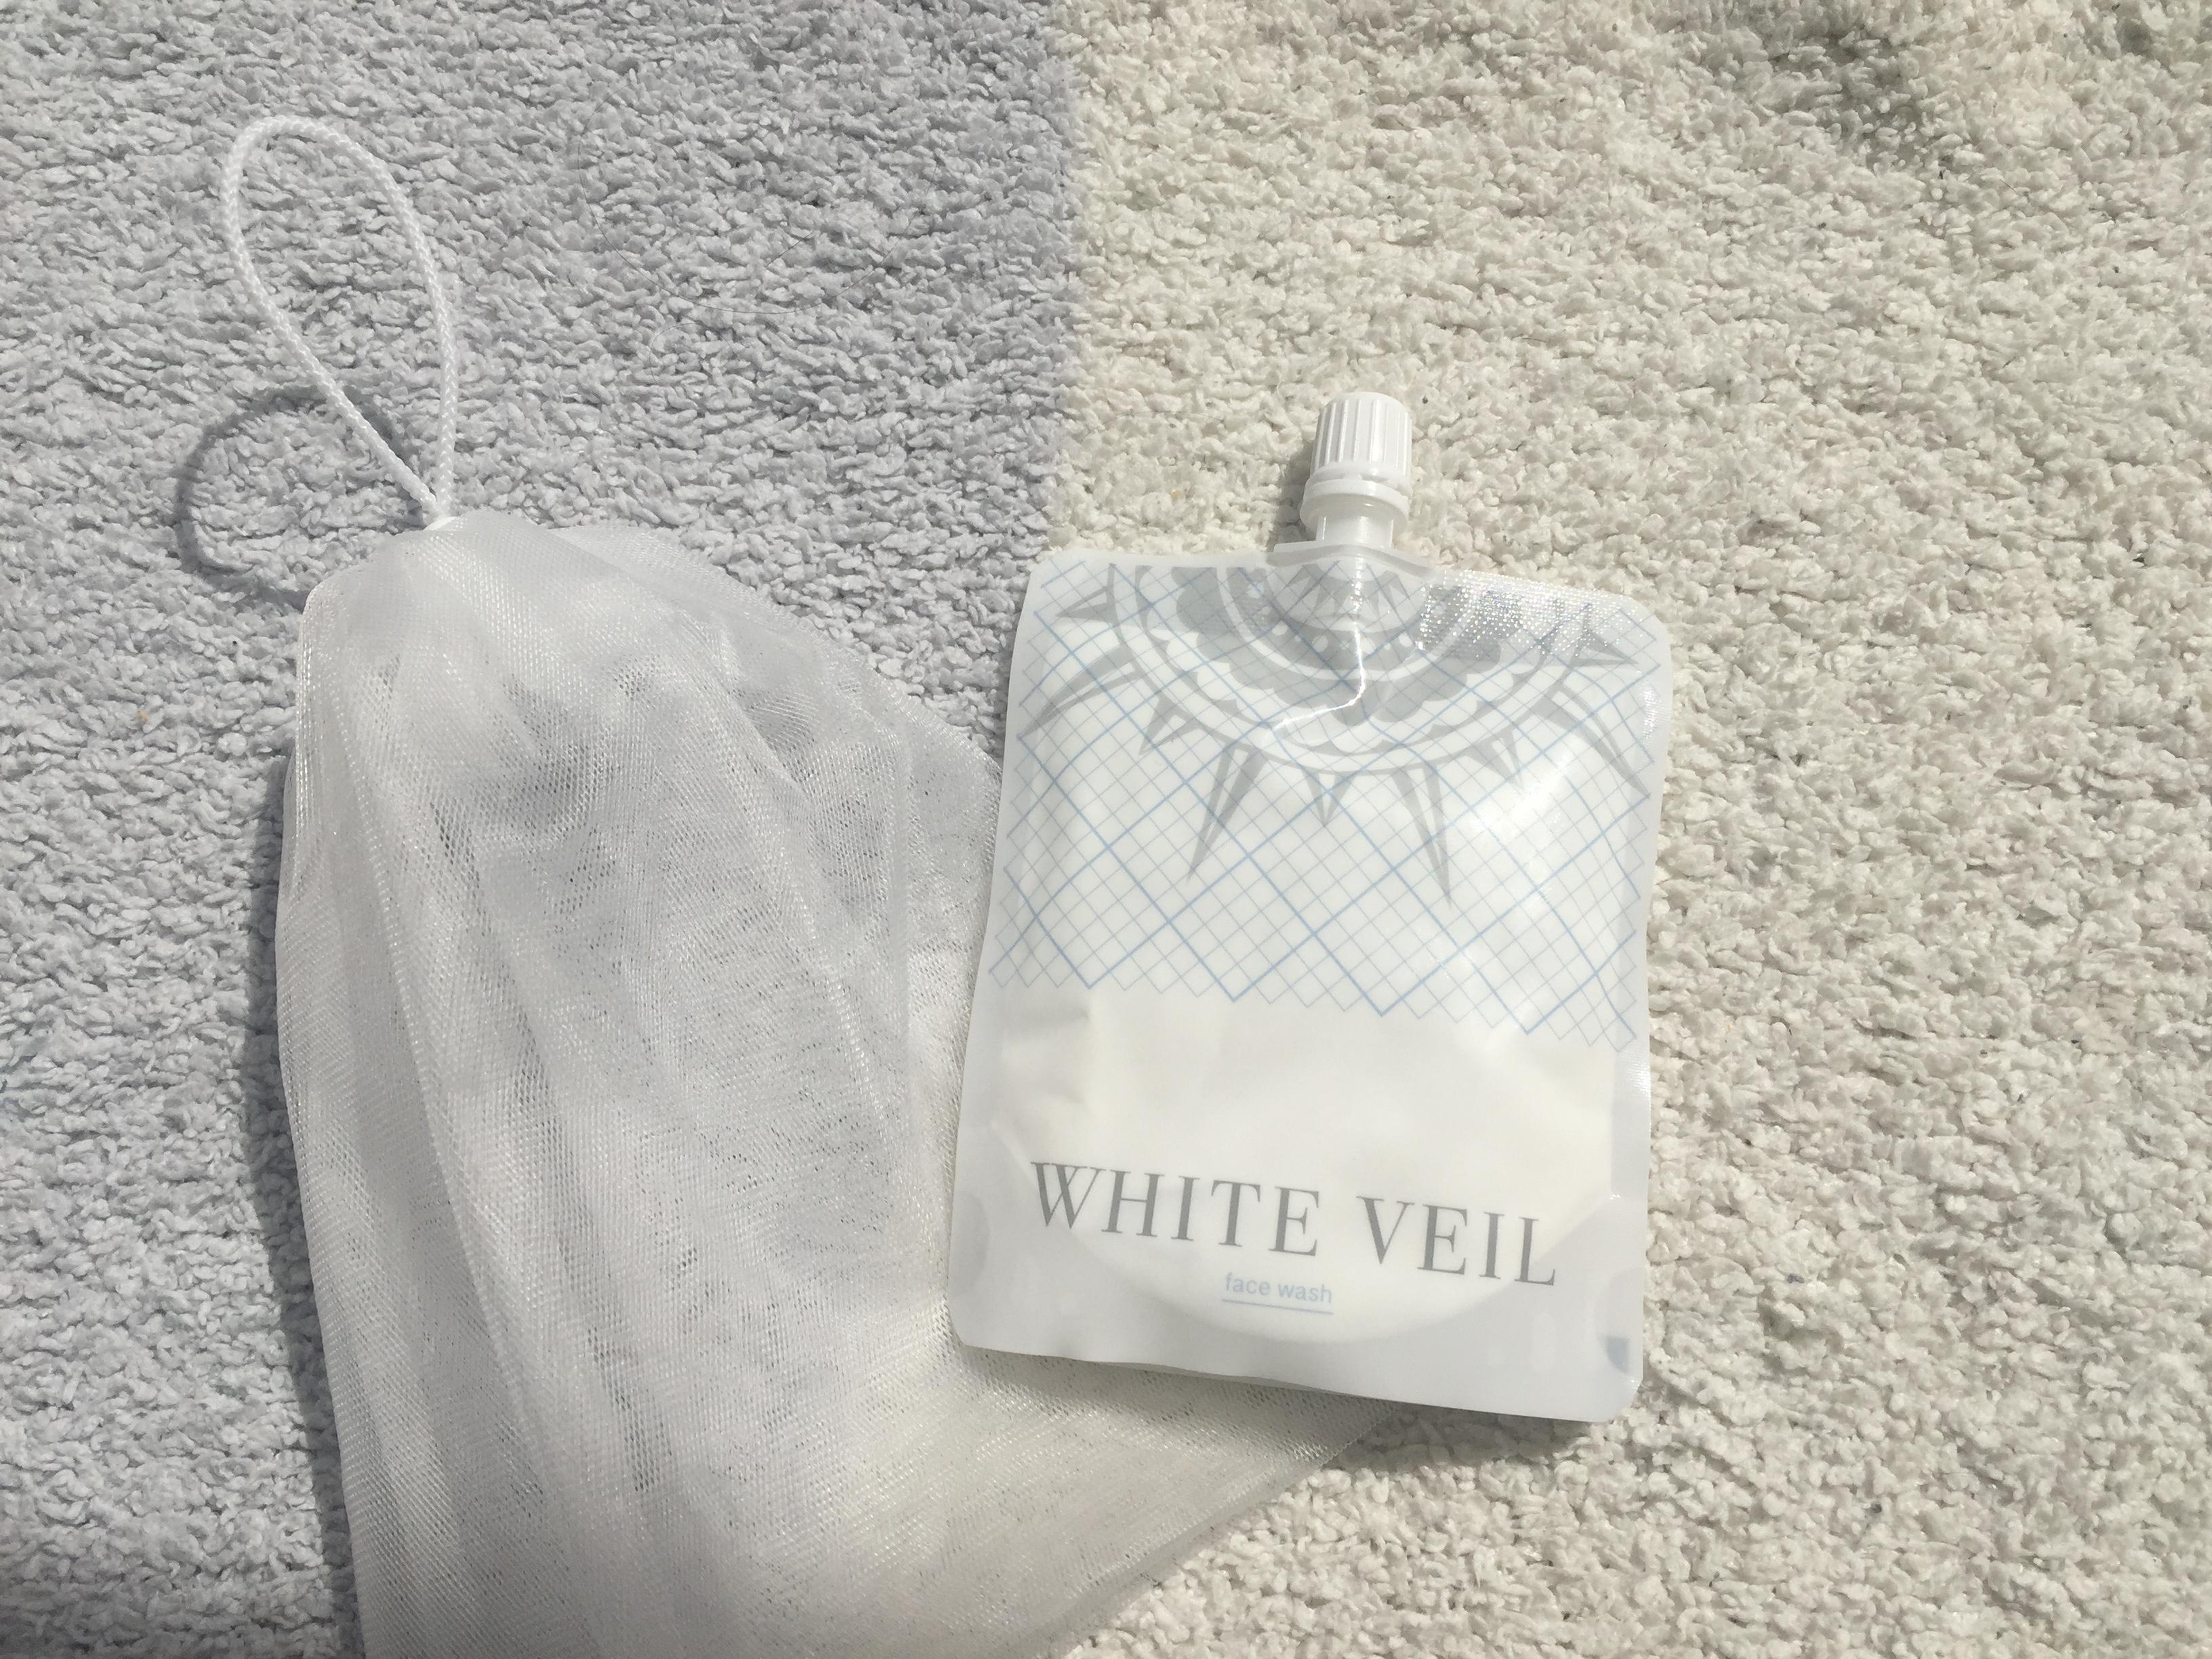 ホワイトヴェール白雪洗顔と泡だてネット